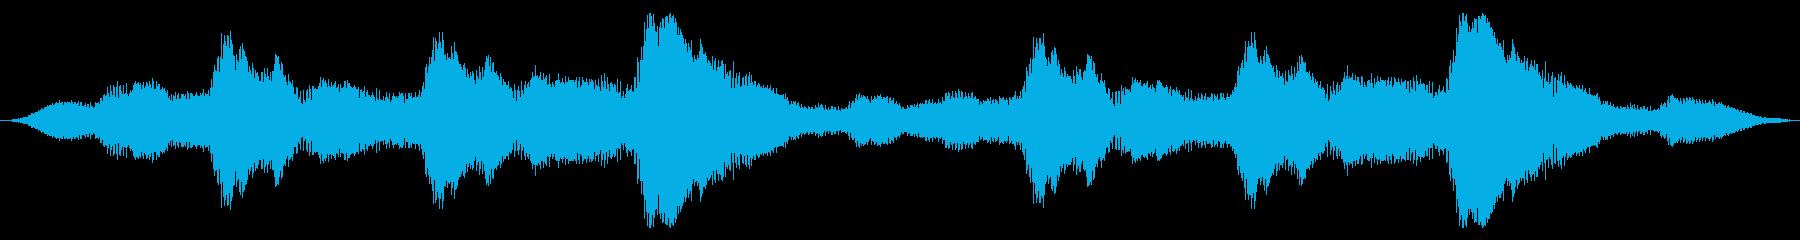 スペースドローン:エレクトロバズスワールの再生済みの波形